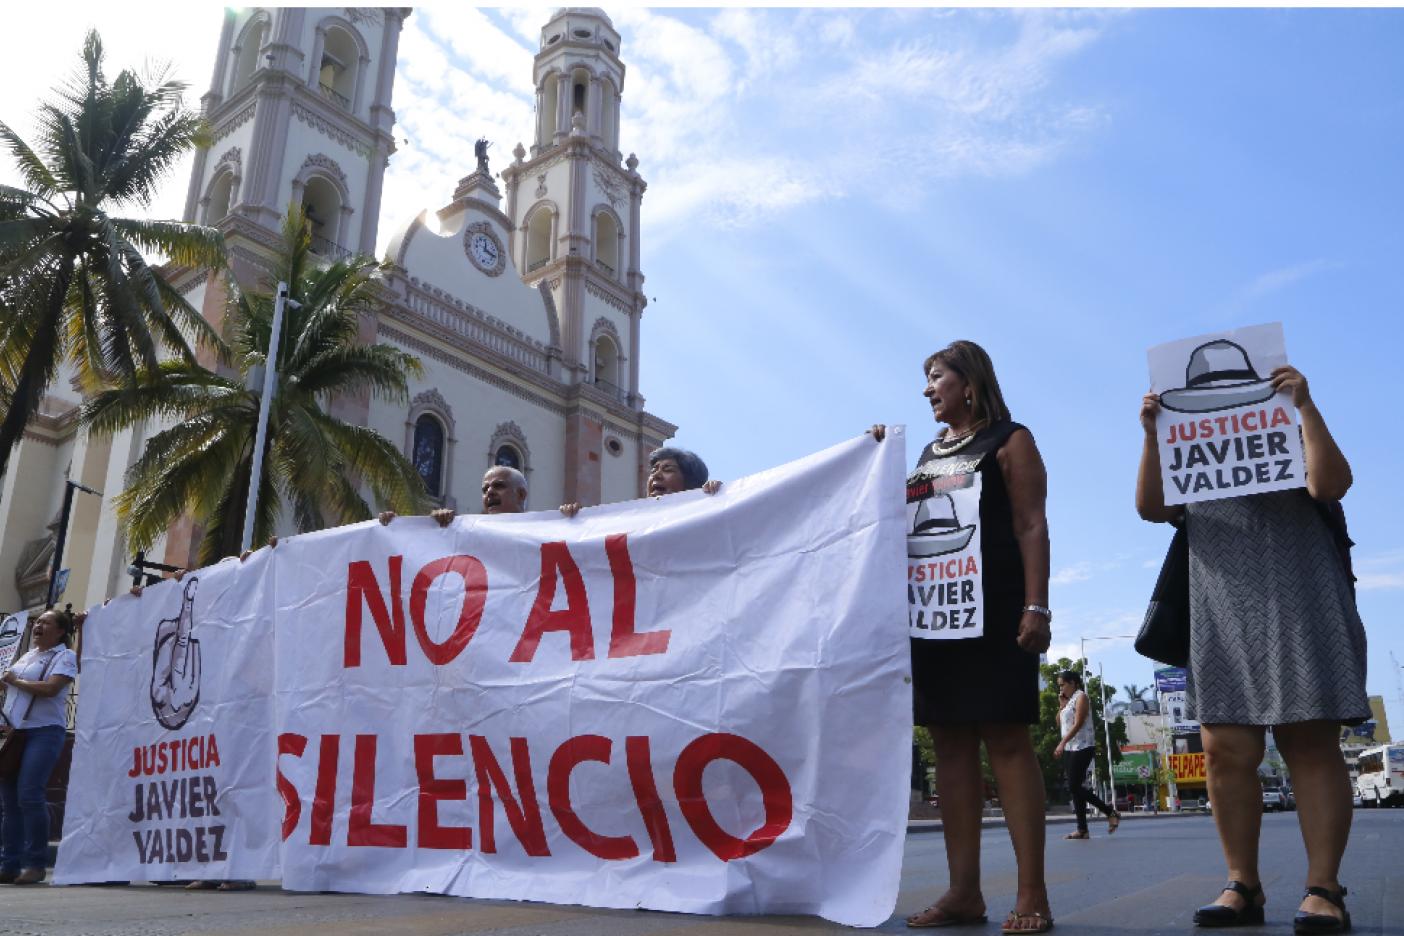 Periodistas de Culiacán inician ayuno; demandan esclarecimiento del asesinato de Javier Valdez